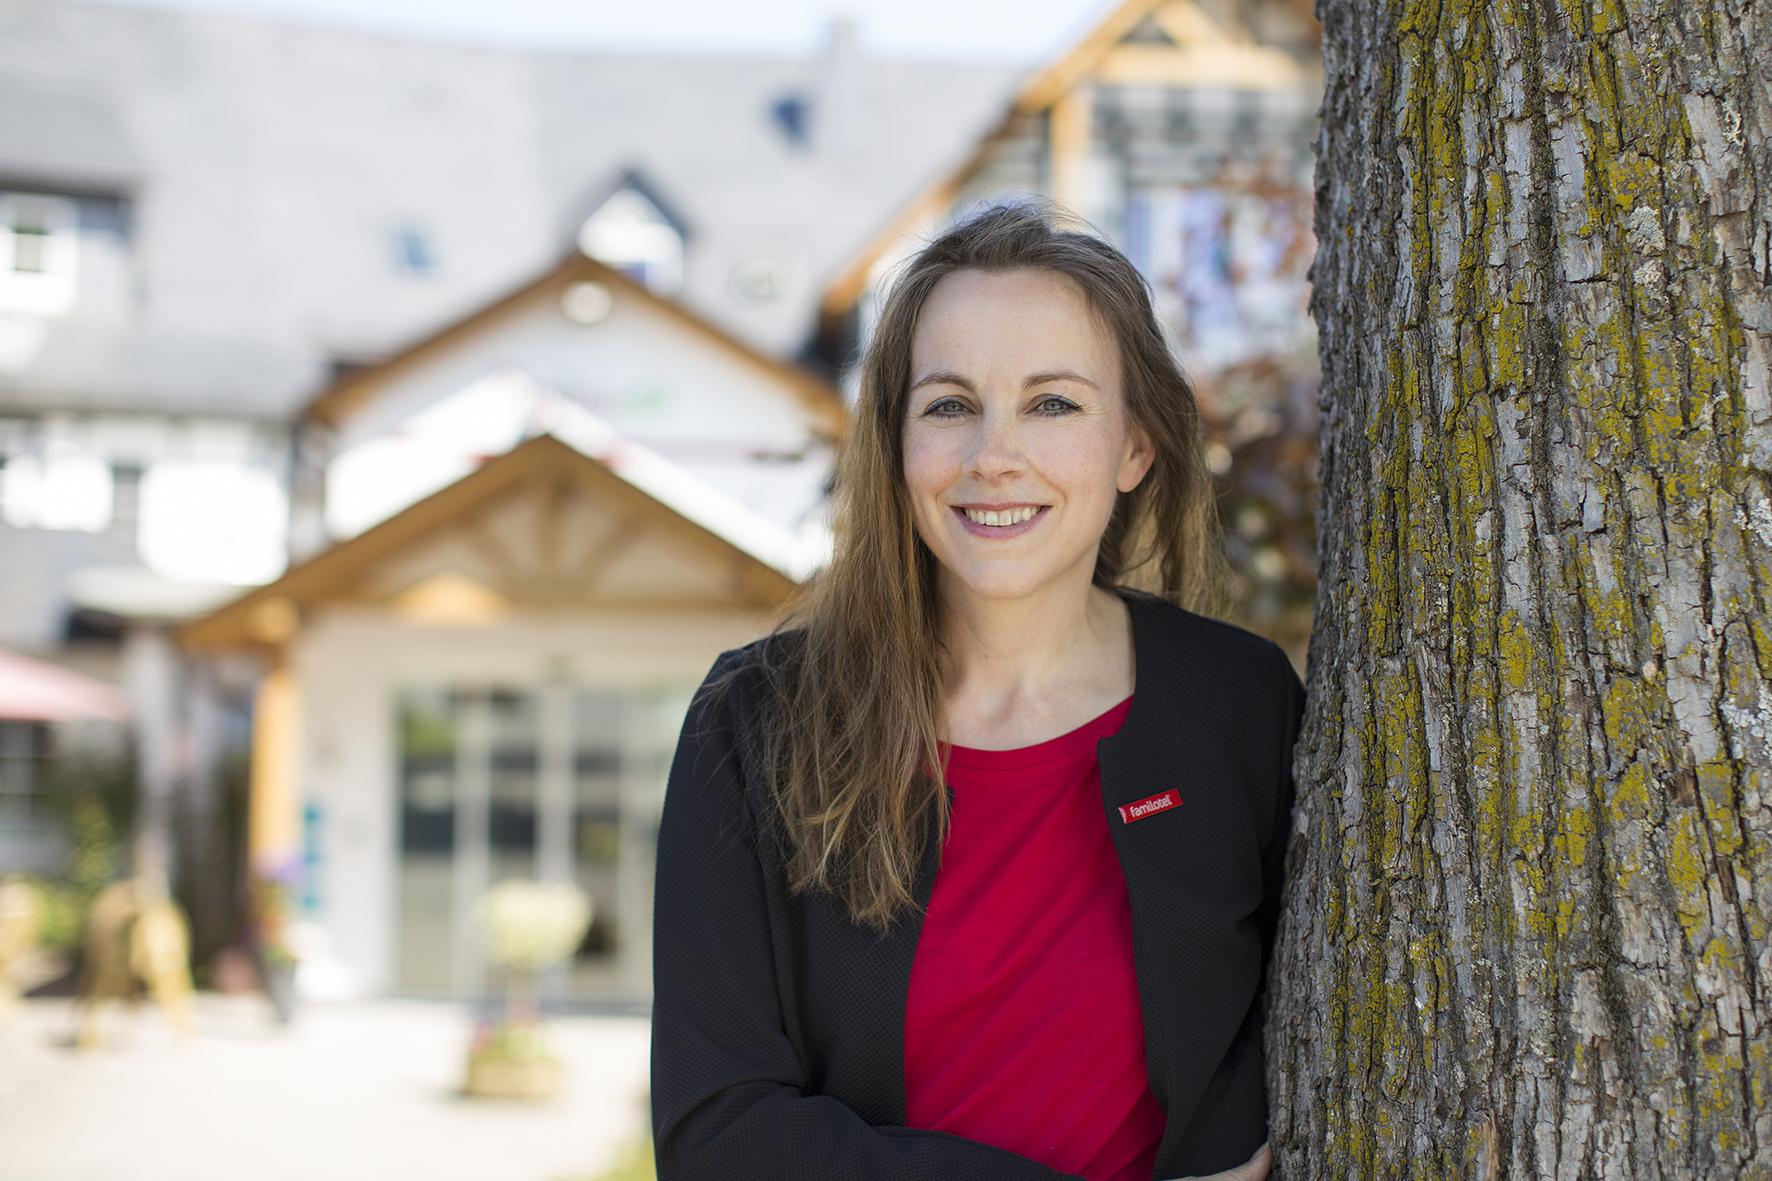 DanielaTigges-Unternehmerin-Speaker